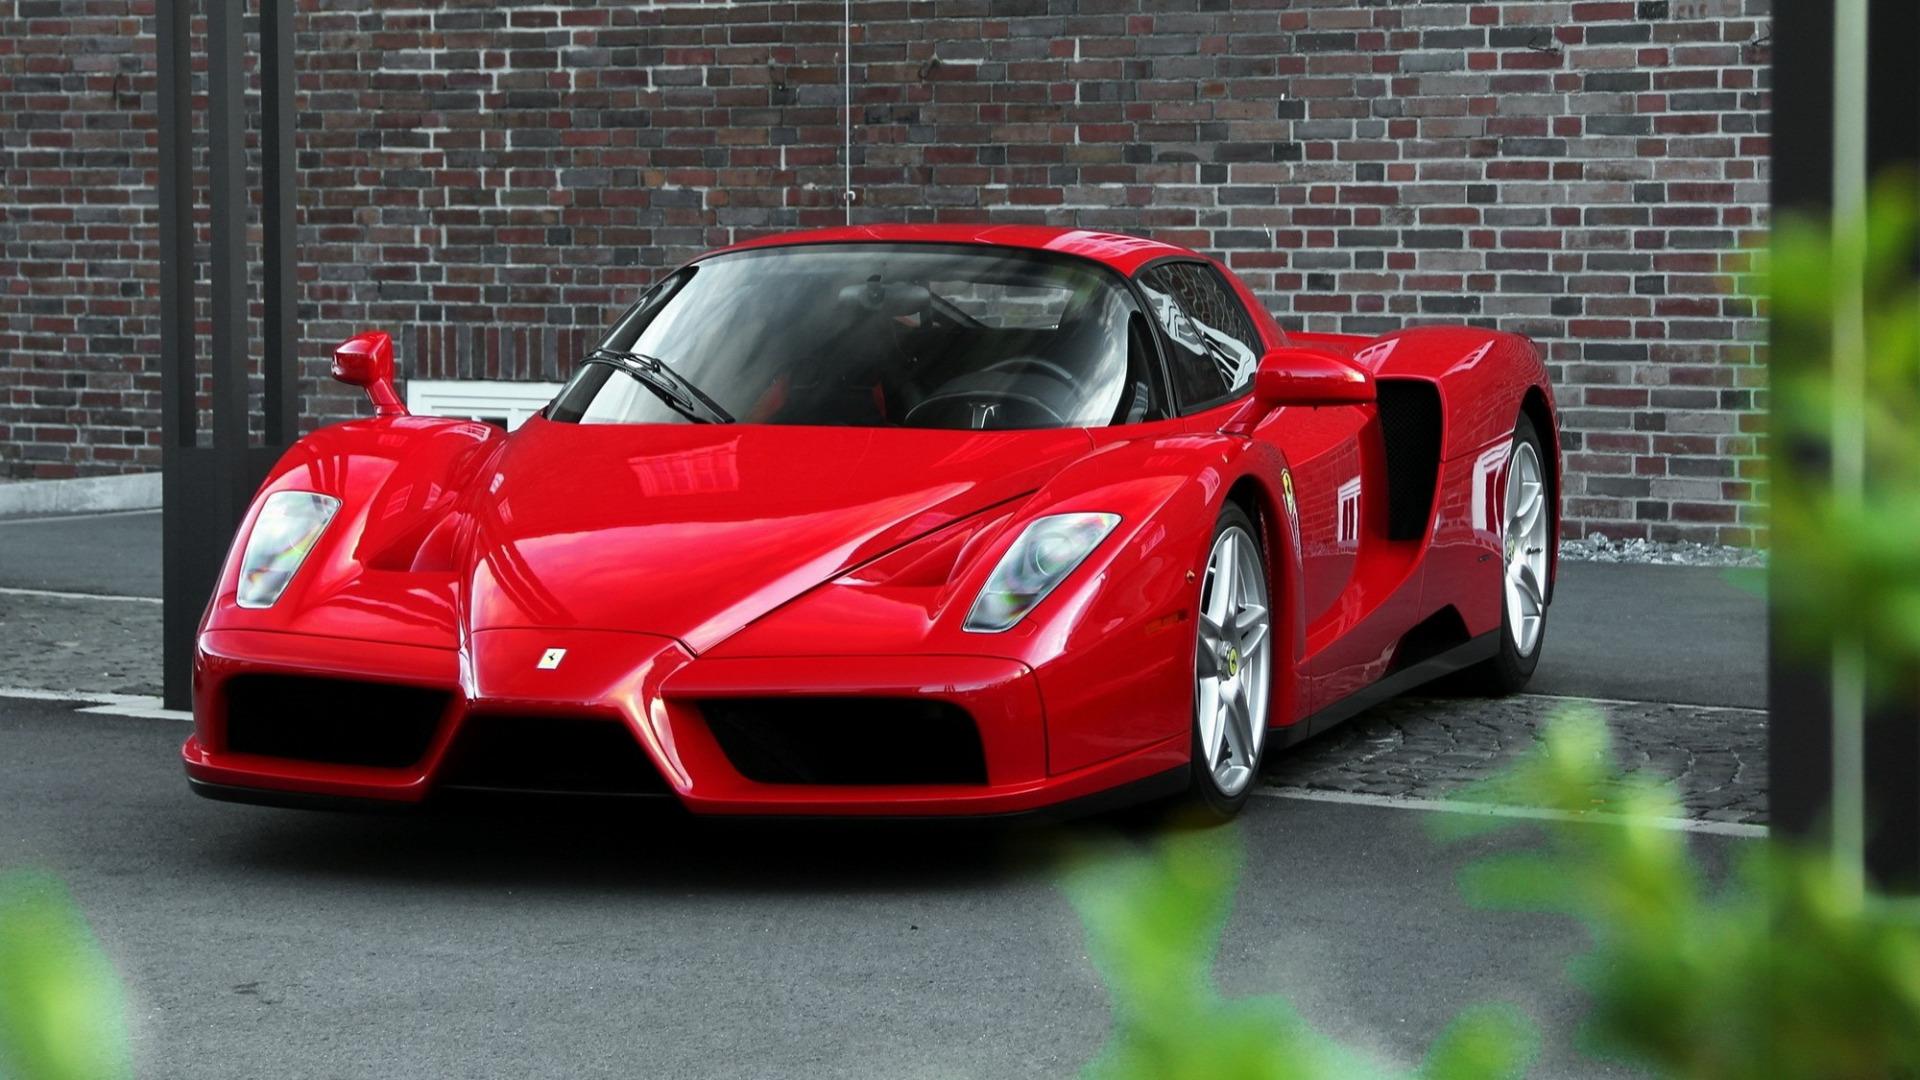 Черный спортивный автомобиль Ferrari Enzo  № 2892537 без смс